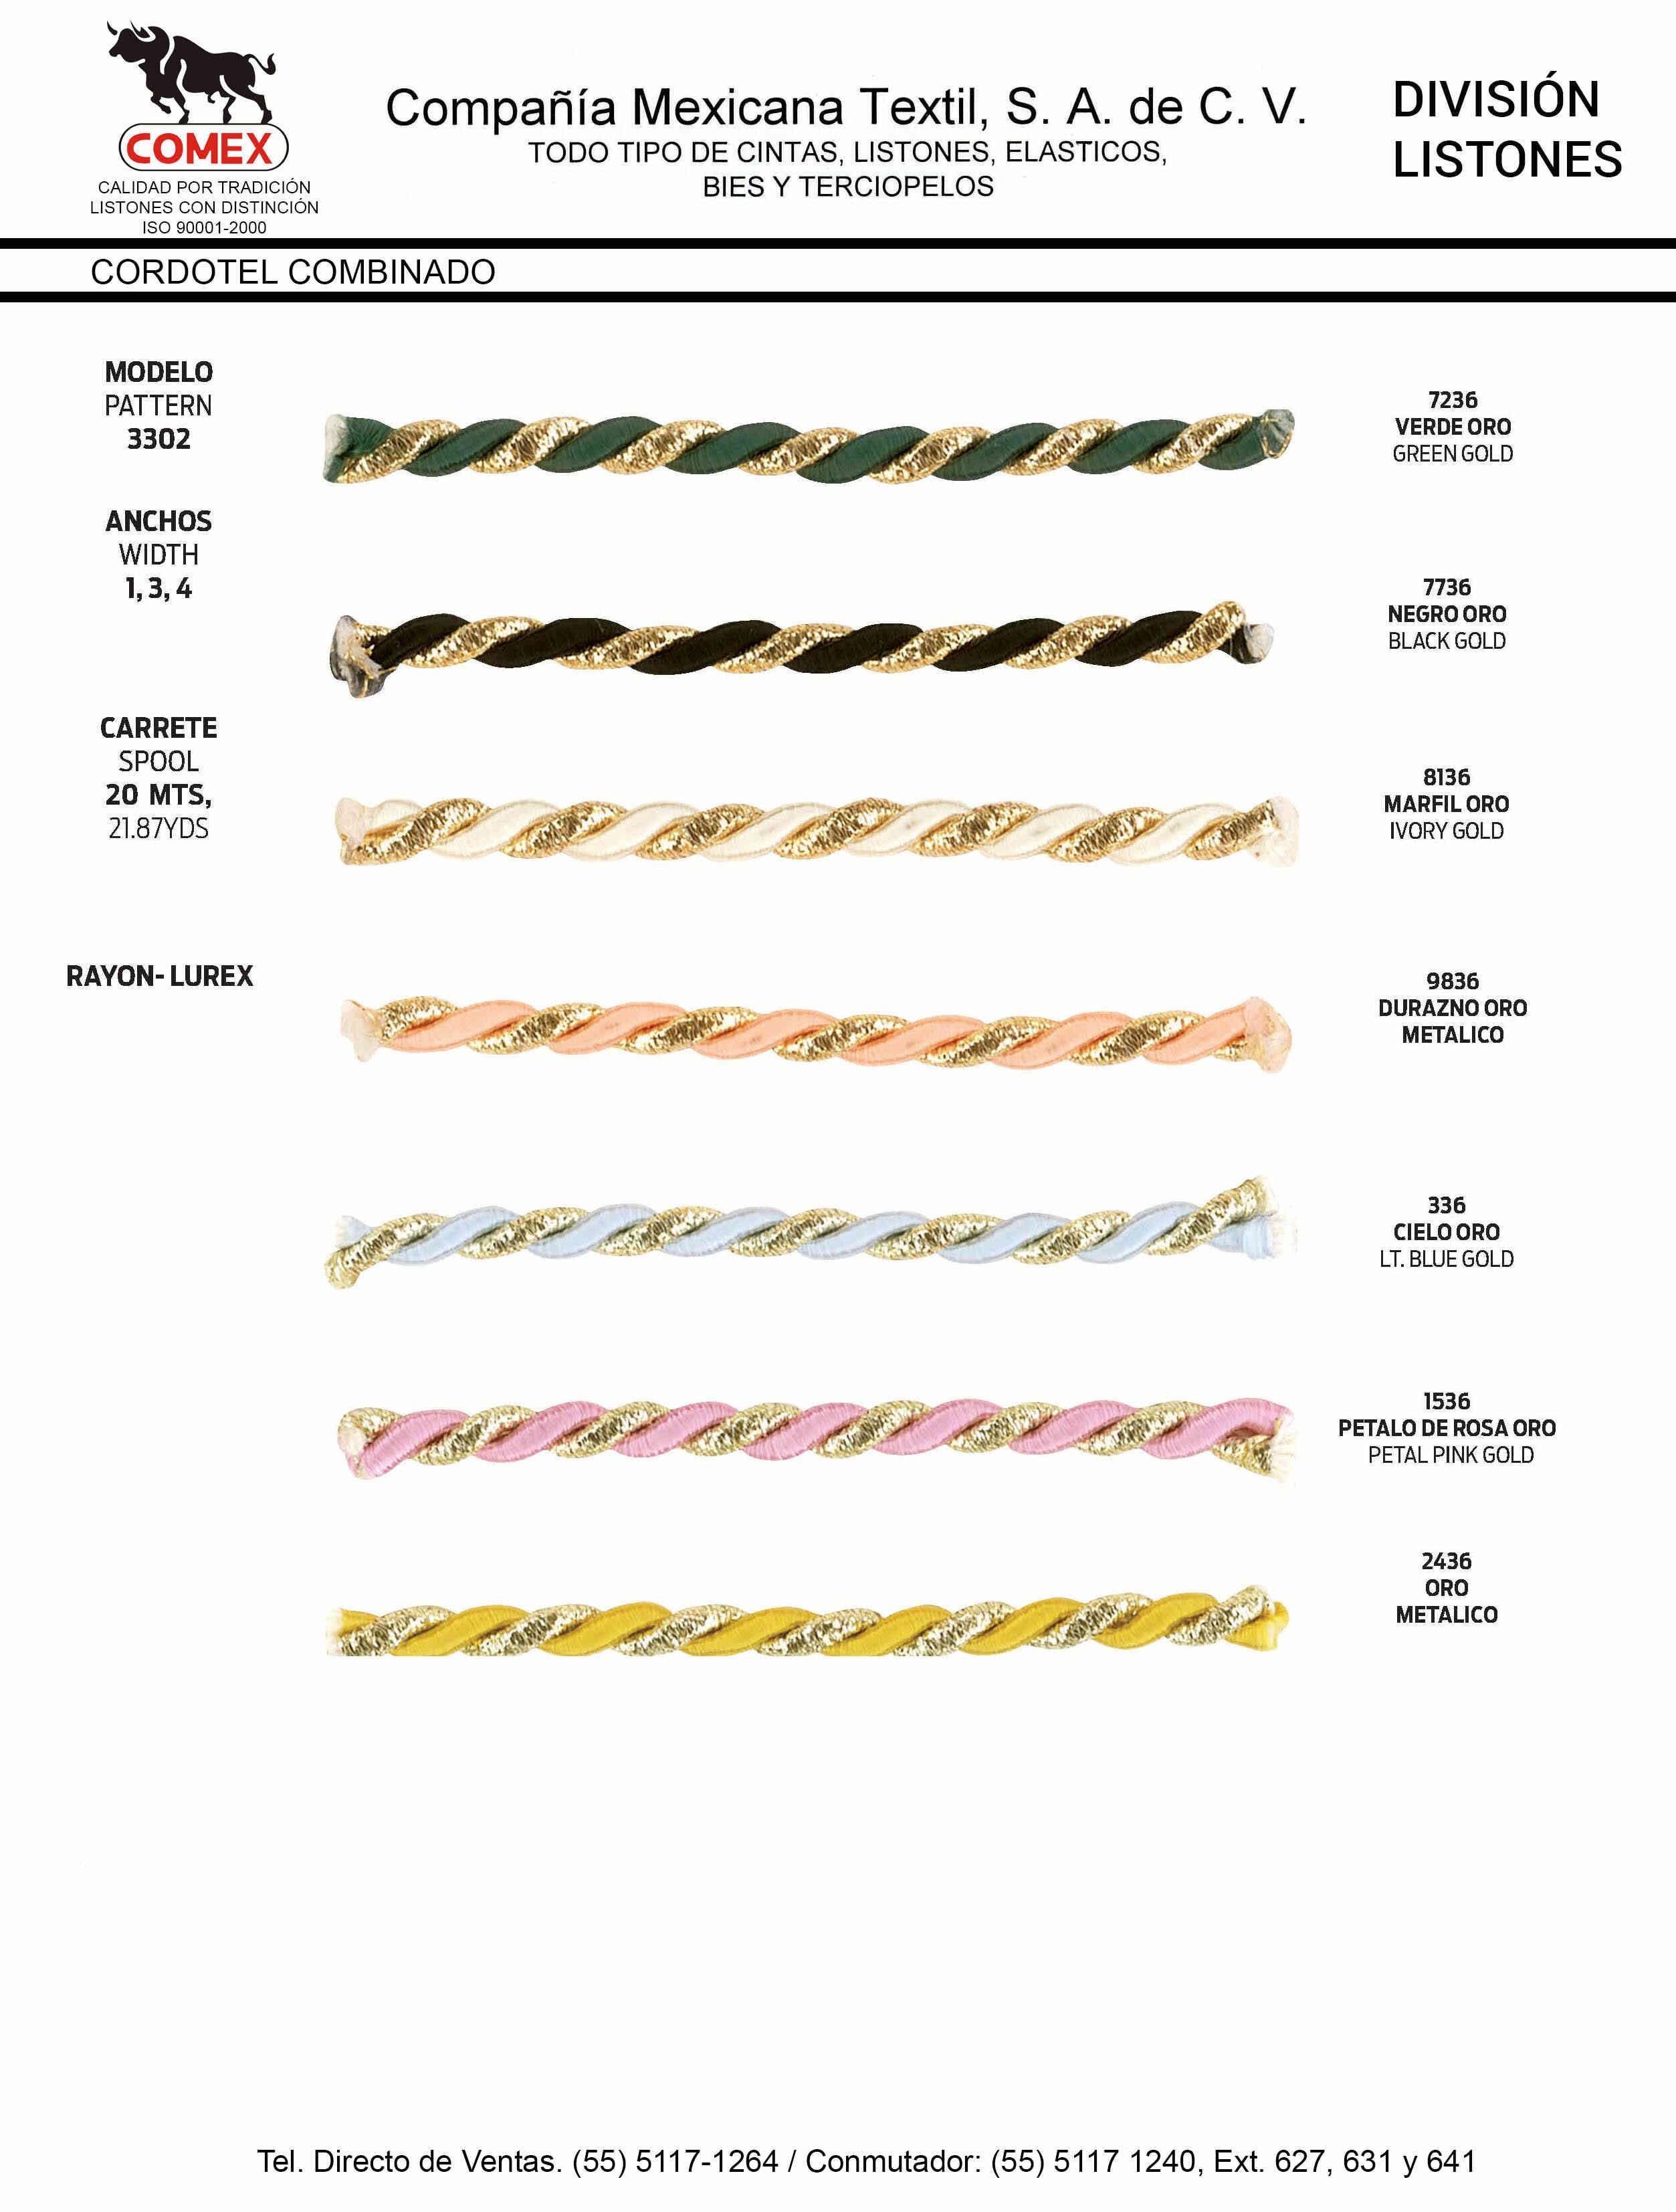 Anchos y Colores de Liston Mod.3302